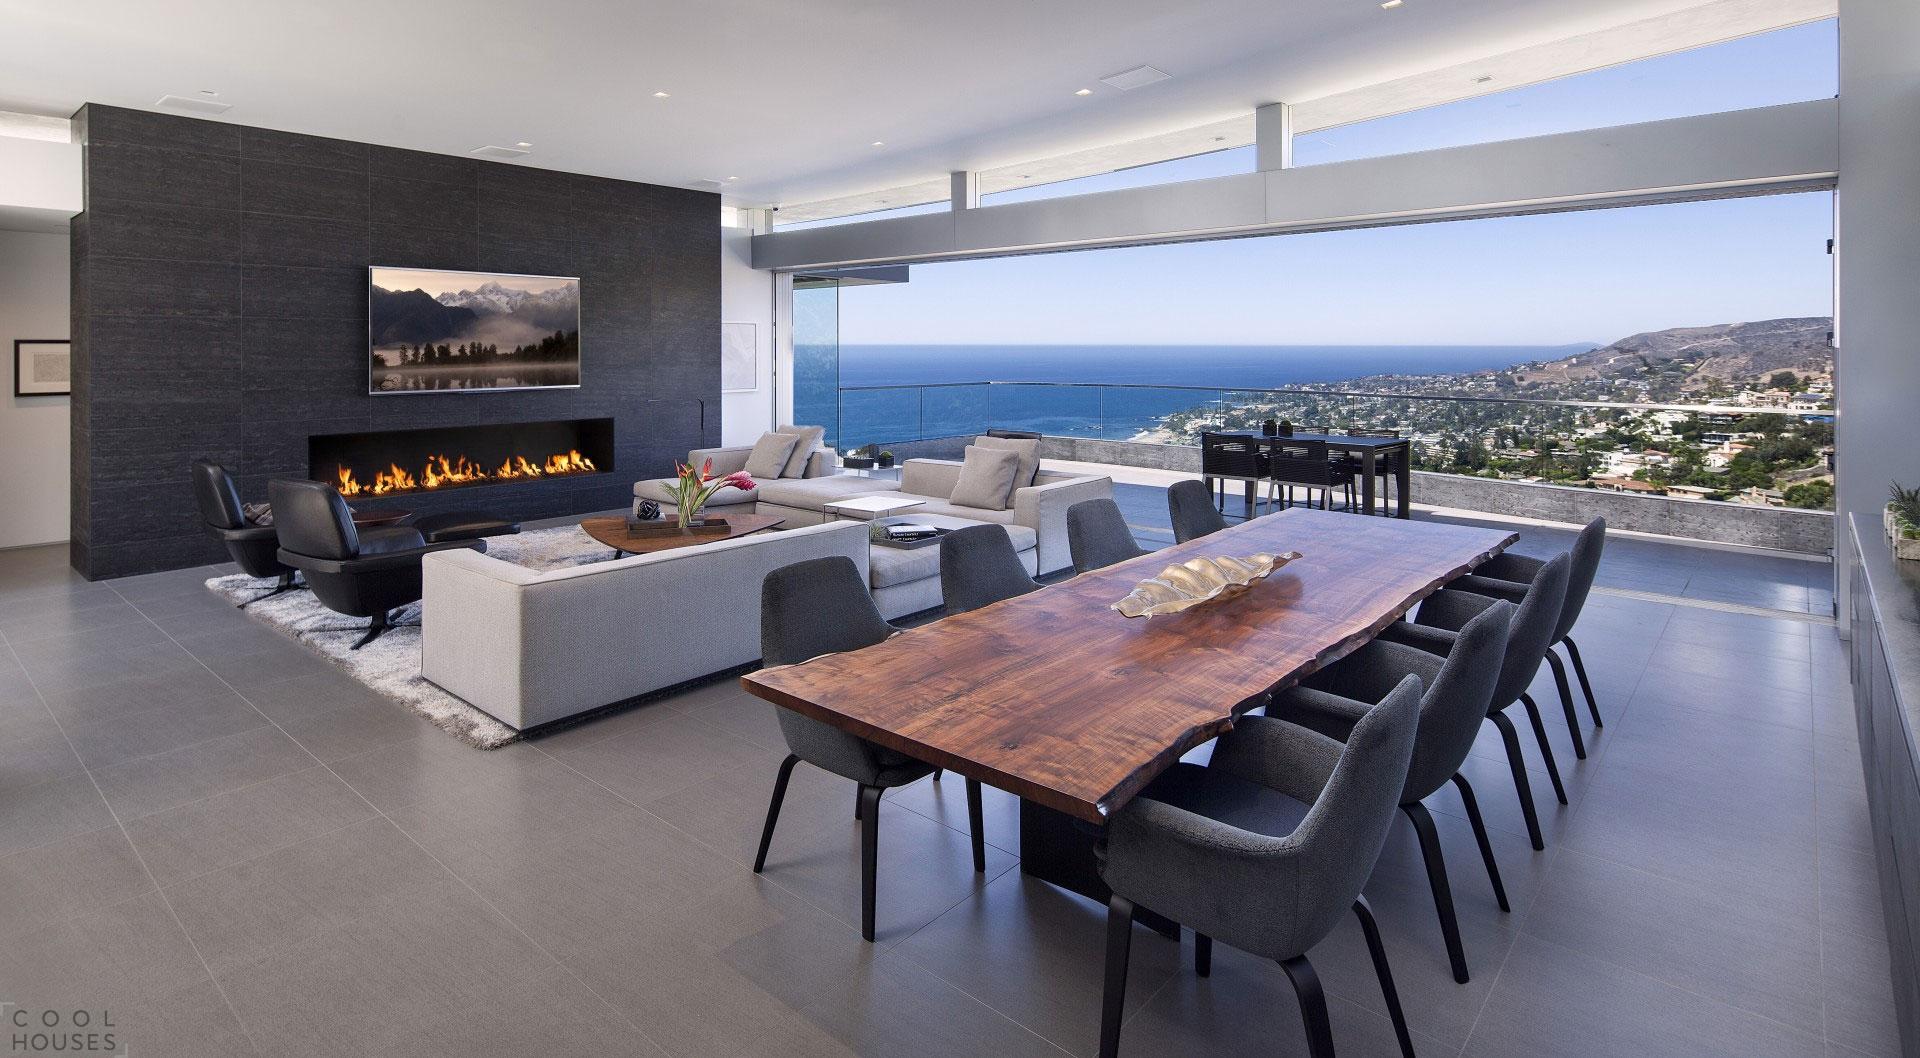 Частный дом на пляже Лагуна-Бич, Калифорния